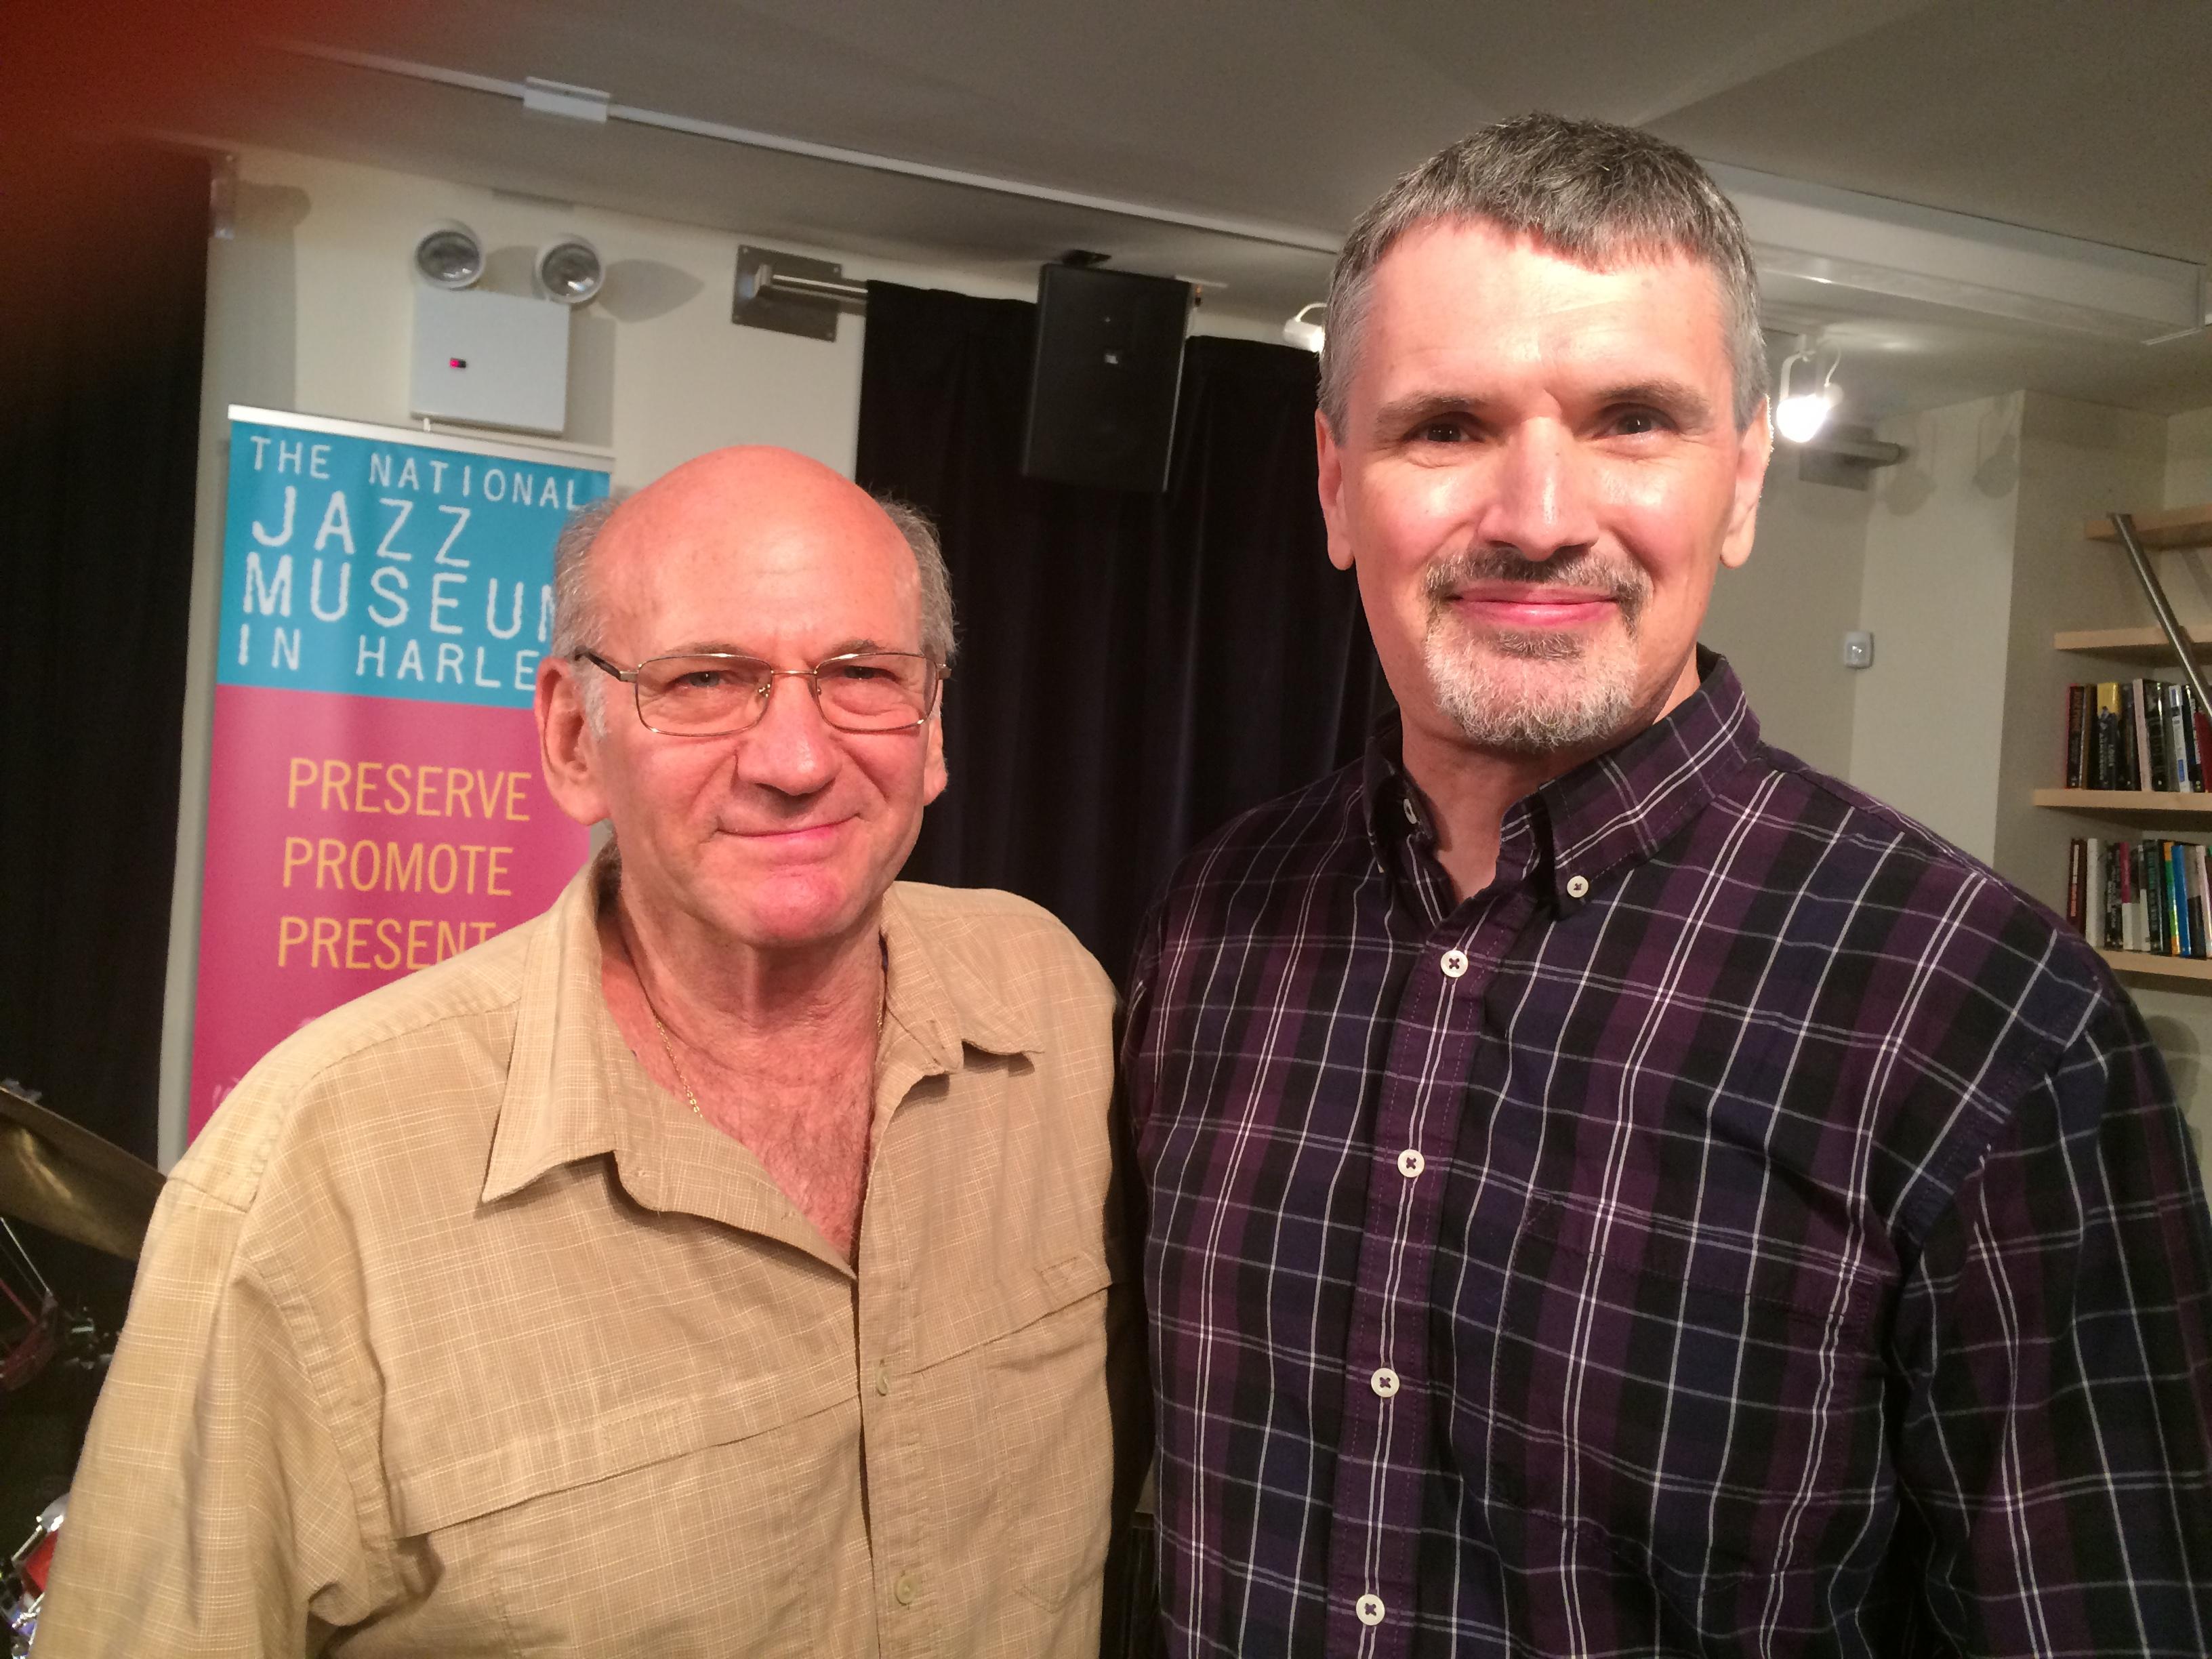 Dave Liebman and Heath Watts